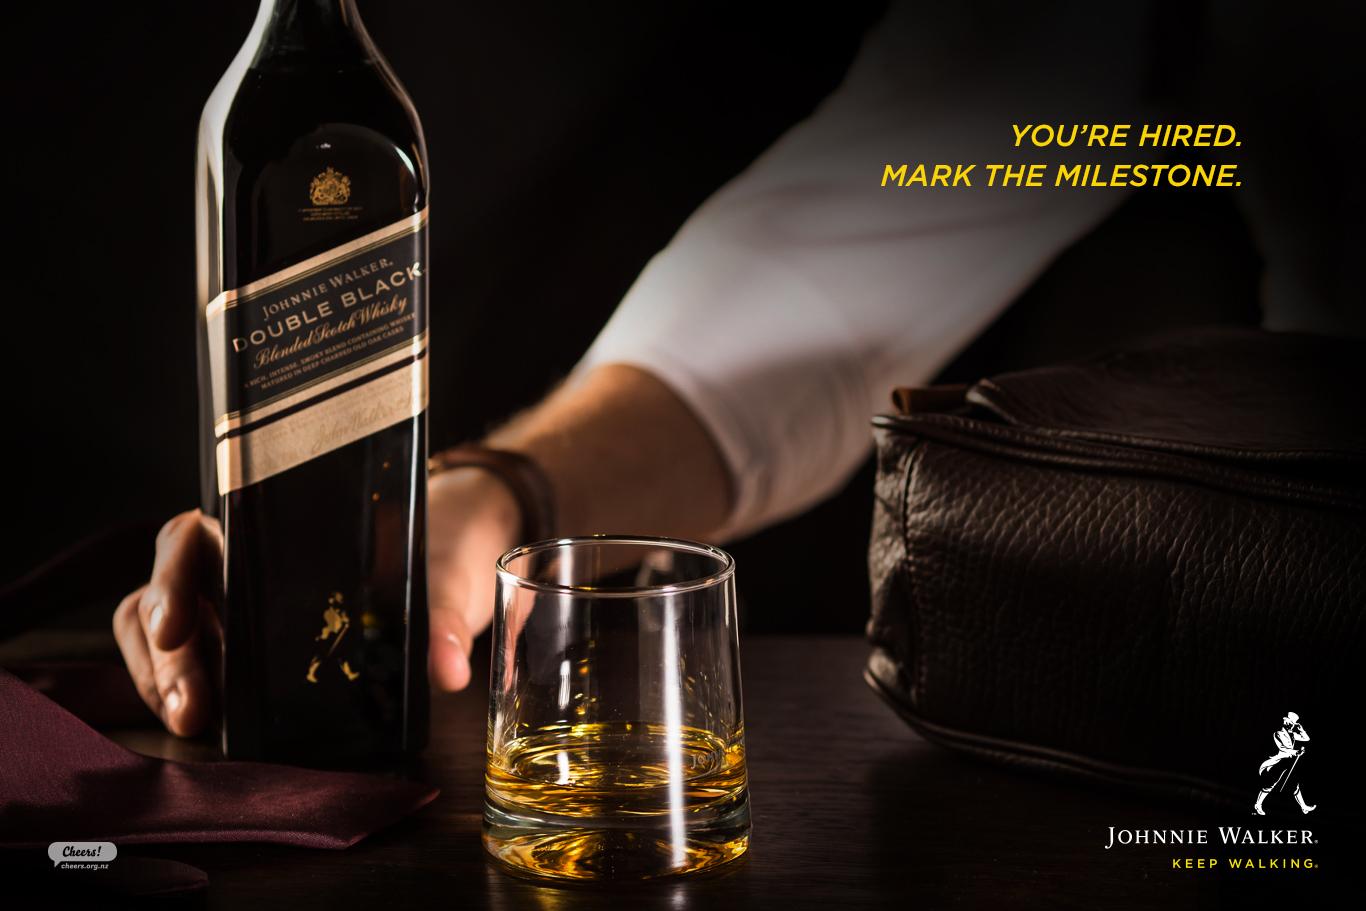 Johnnie Walker Milestones Campaign